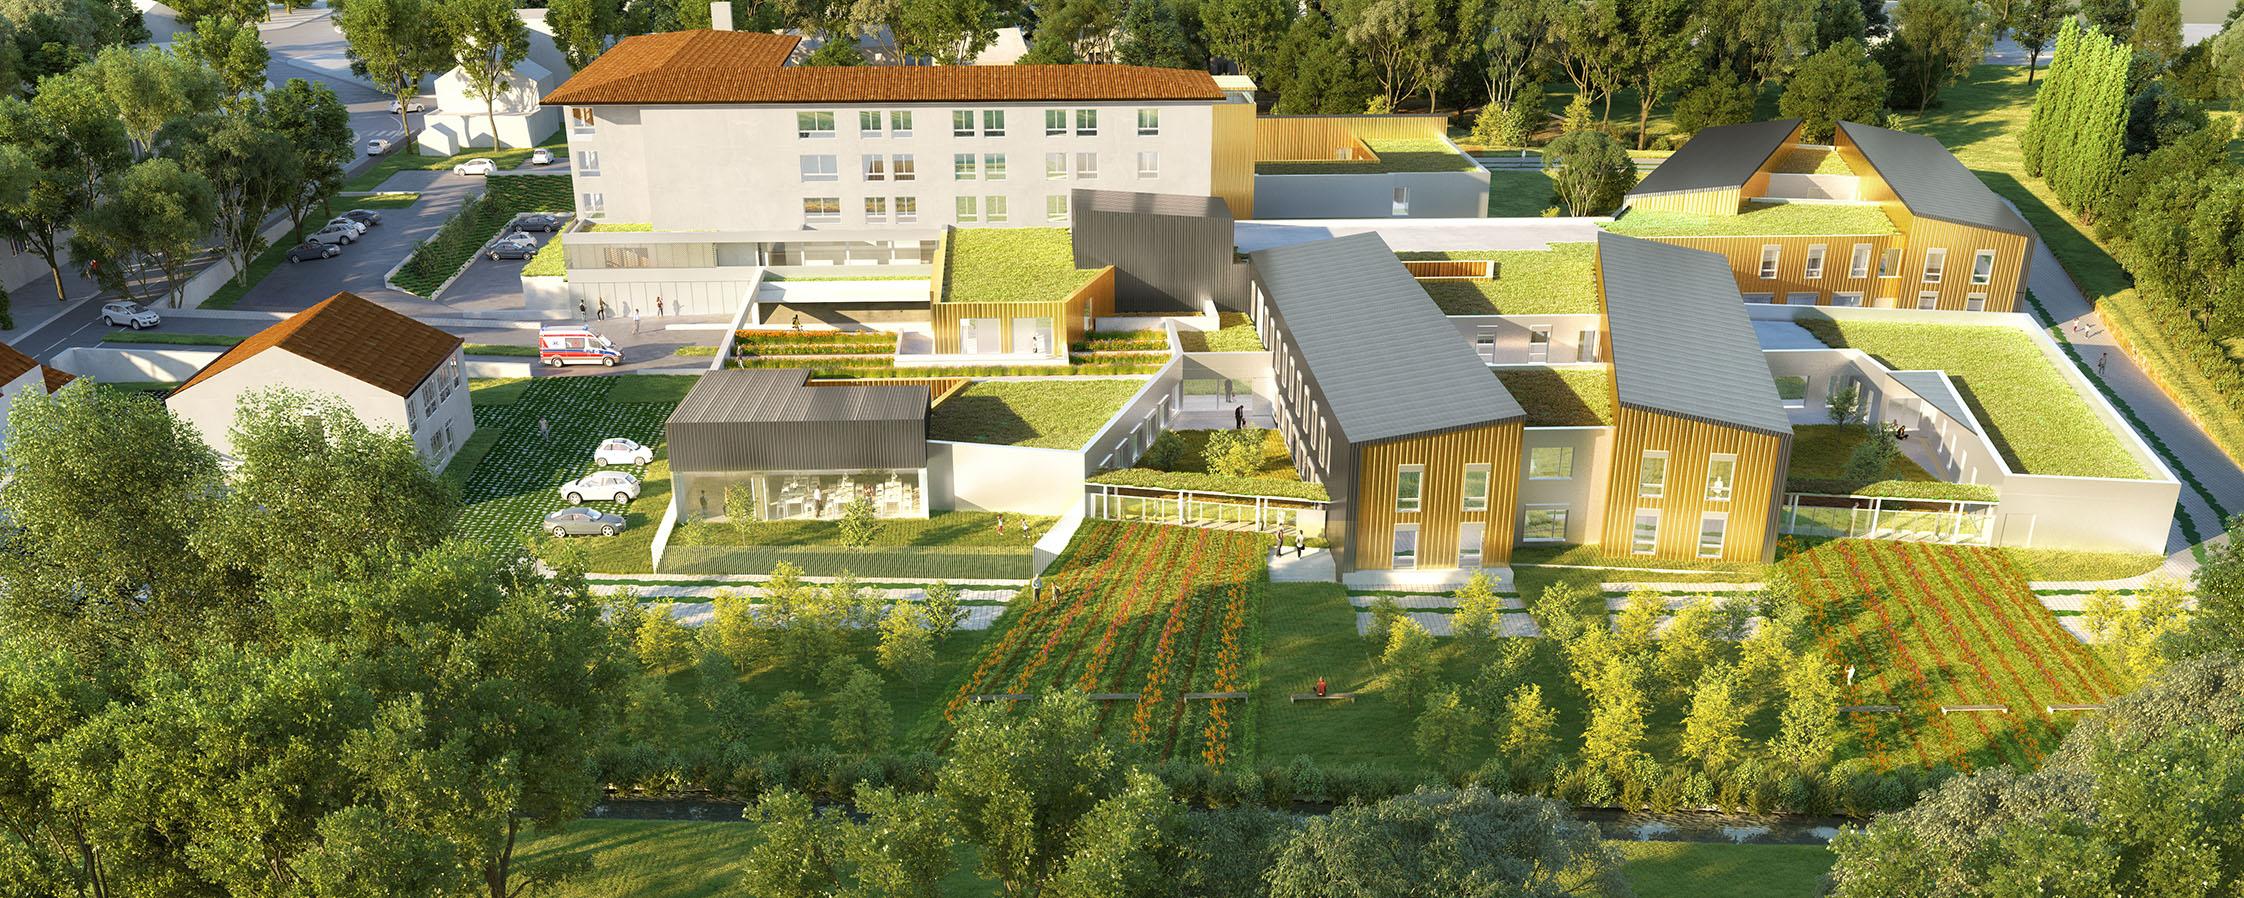 HESDIN (62) - Construction d'un bâtiment d'hébergement